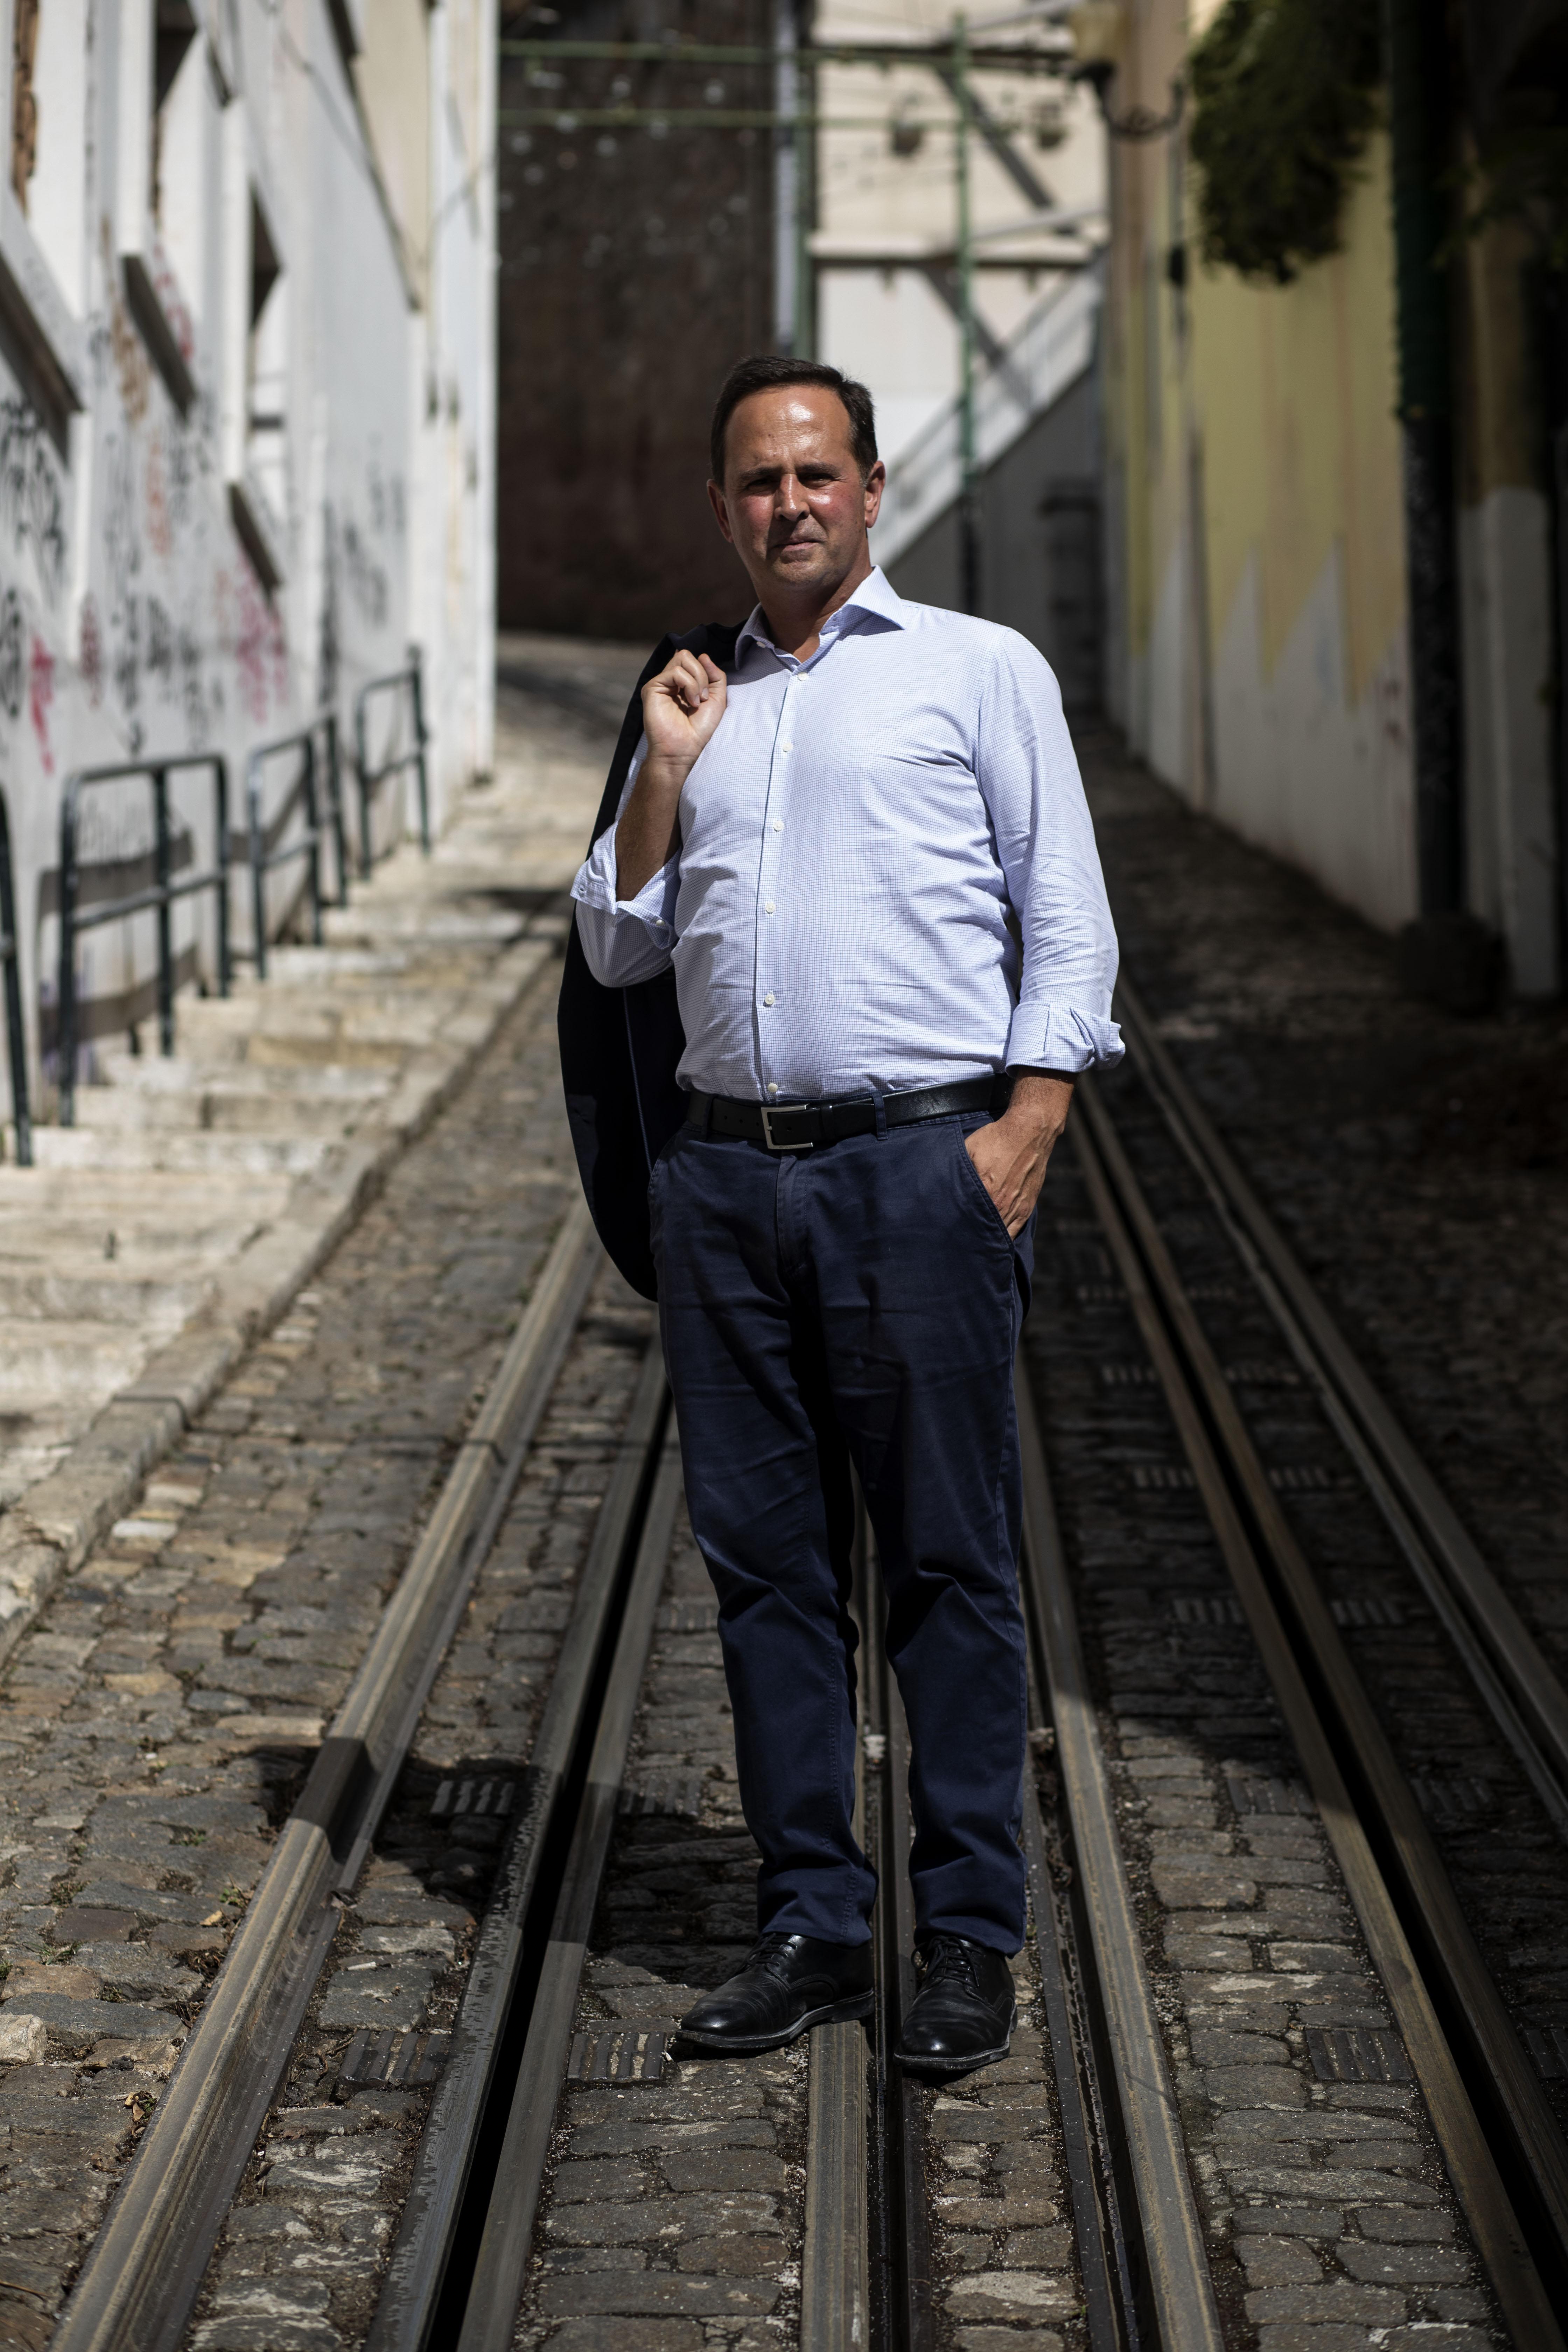 """Fernando Medina: """"Cuando el turismo se recupere, no queremos los problemas de antes de la pandemia"""""""